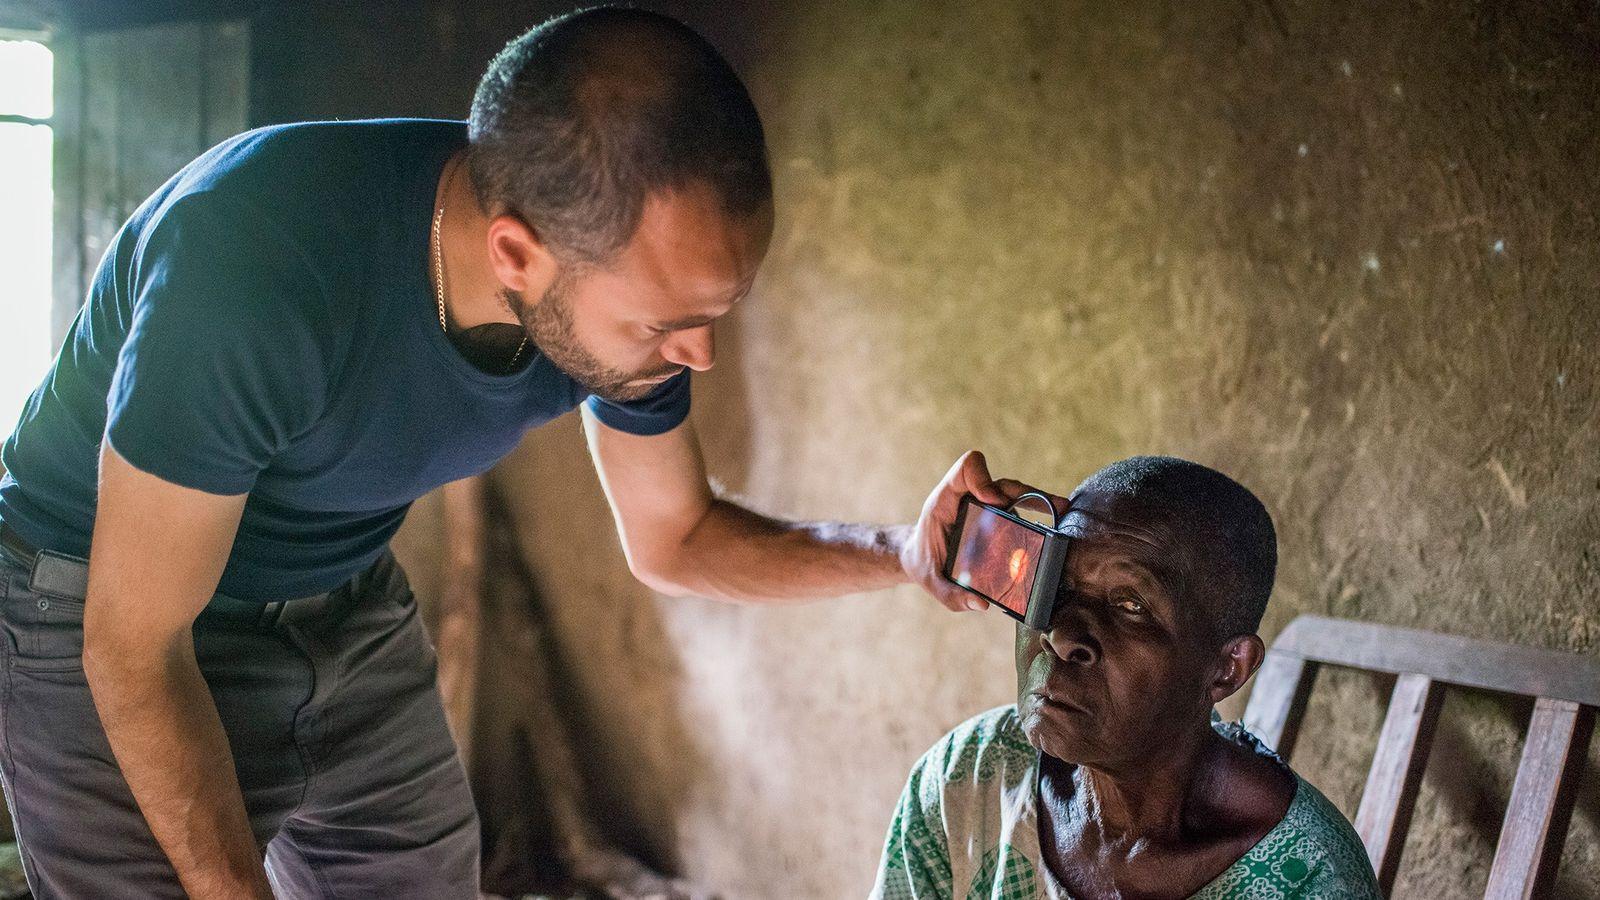 À l'aide de son smartphone, Andrew Bastawrous examine une femme qui souffre de la cataracte.